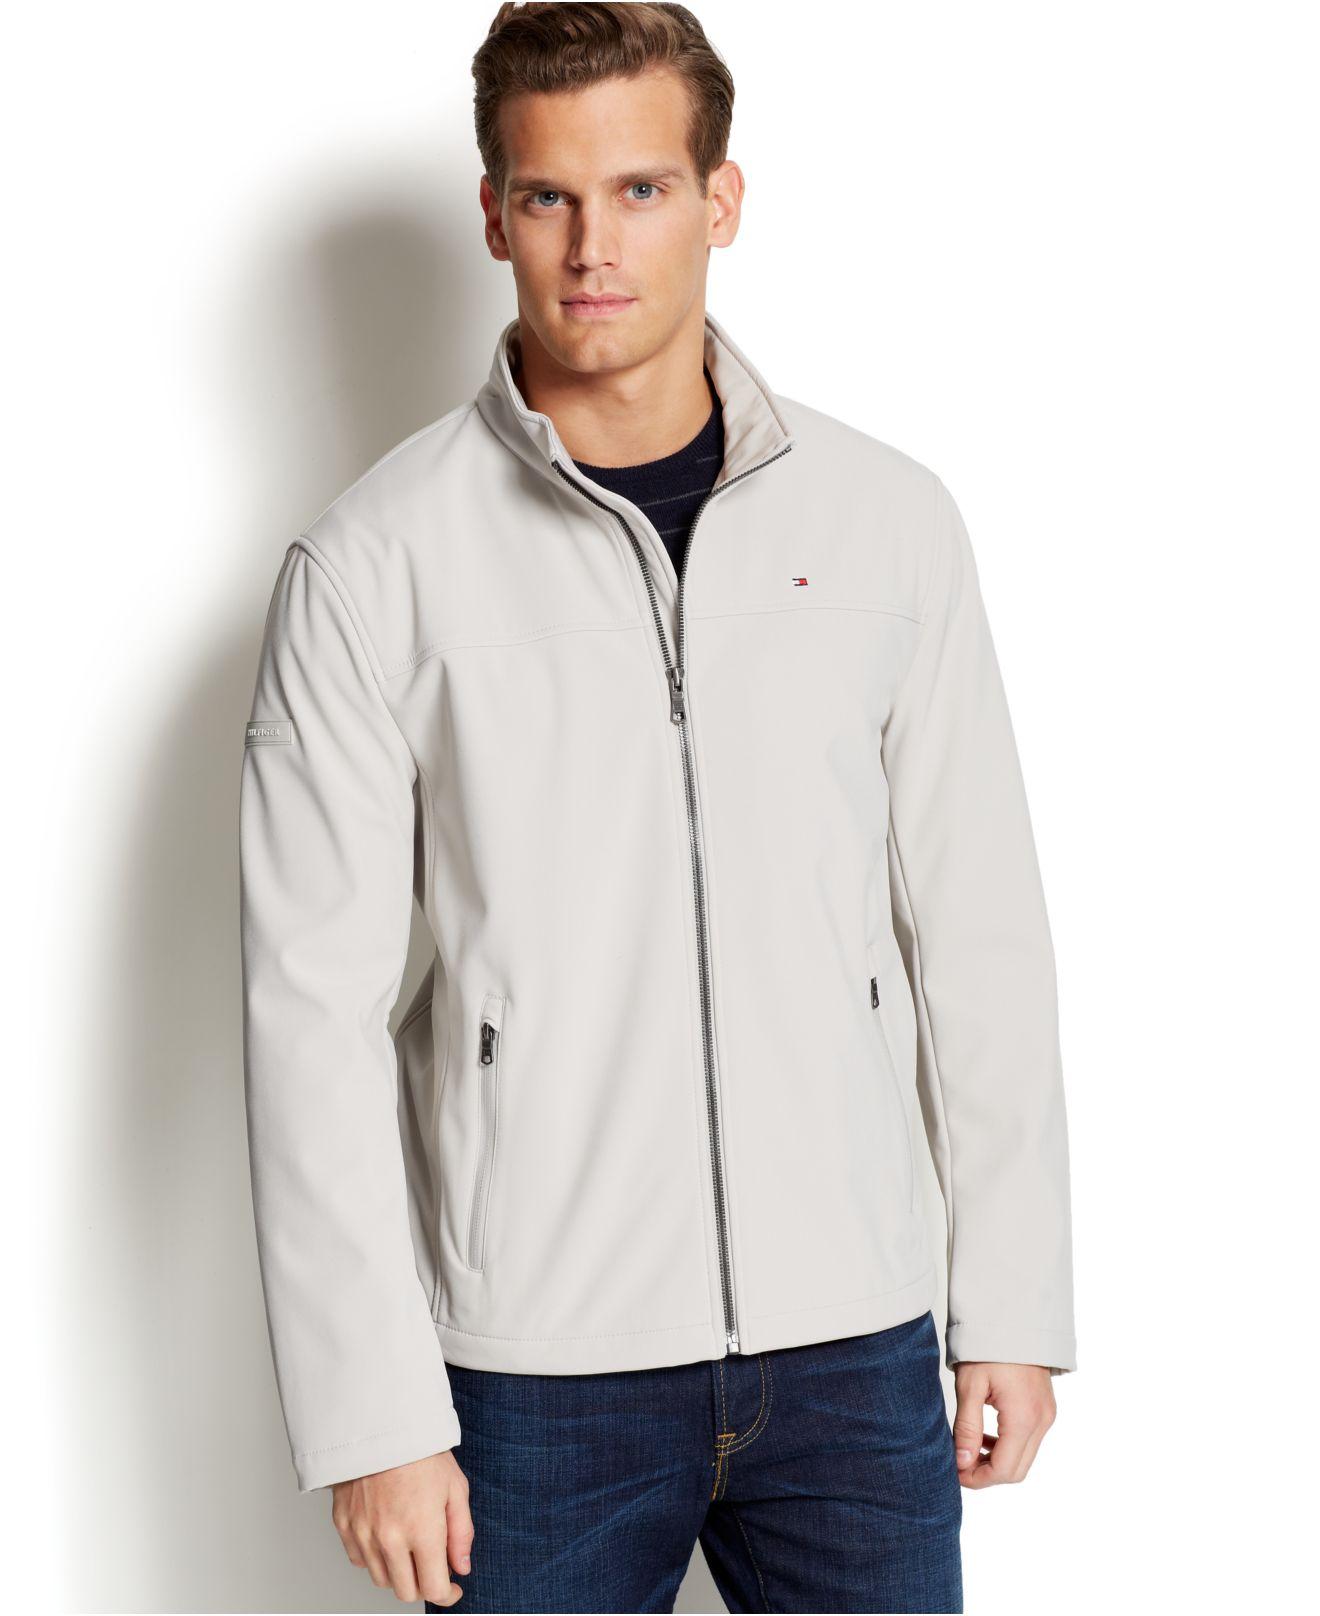 lyst tommy hilfiger fleece lined soft shell jacket in natural for men. Black Bedroom Furniture Sets. Home Design Ideas